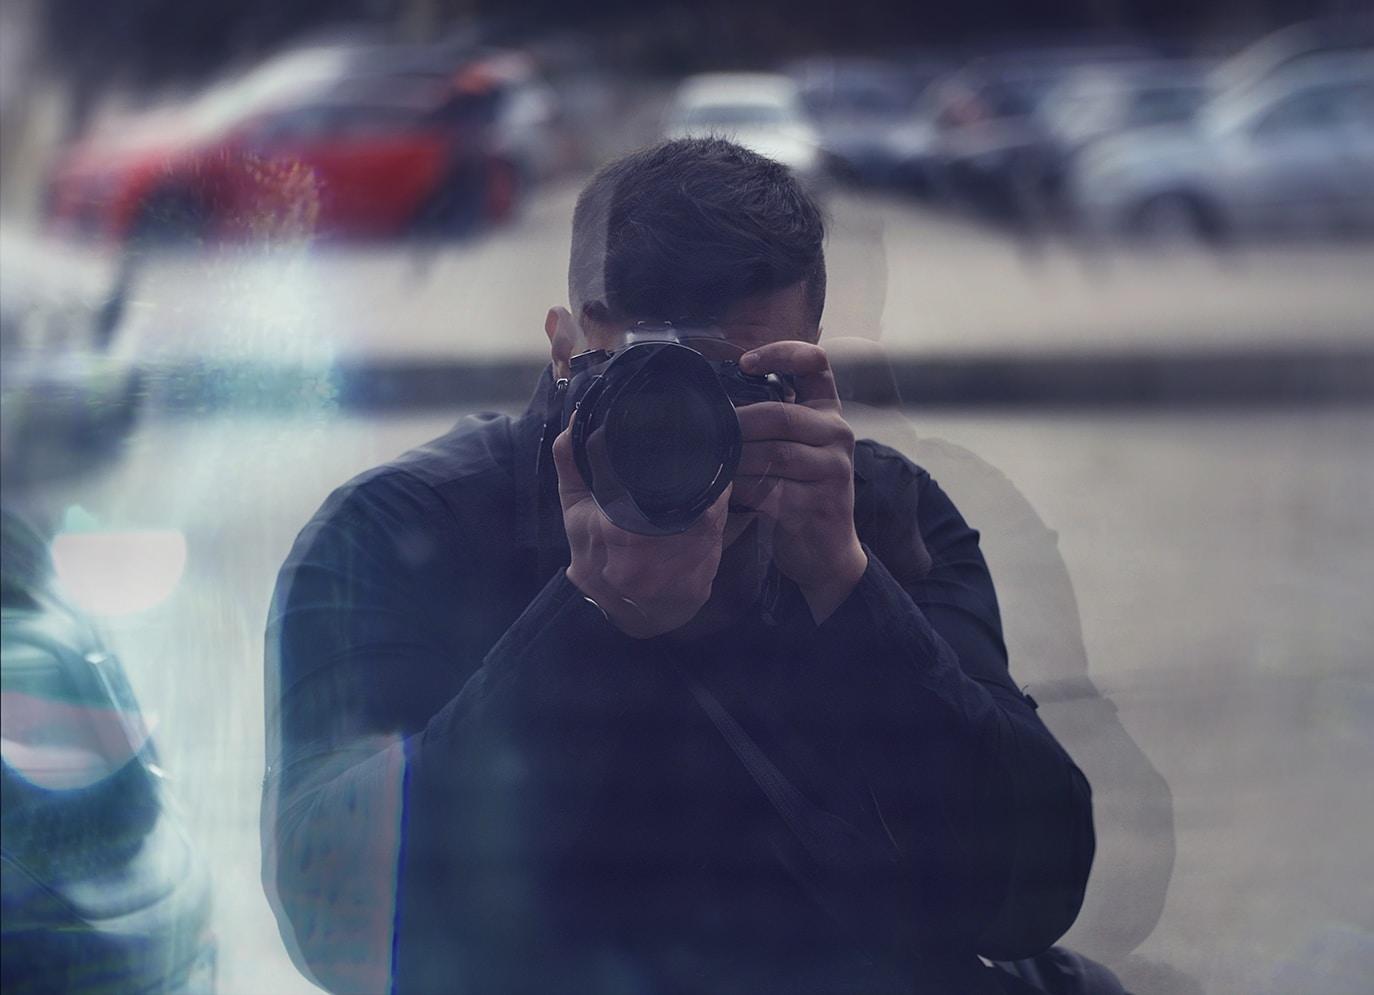 Go to Atanas Dzhingarov's profile